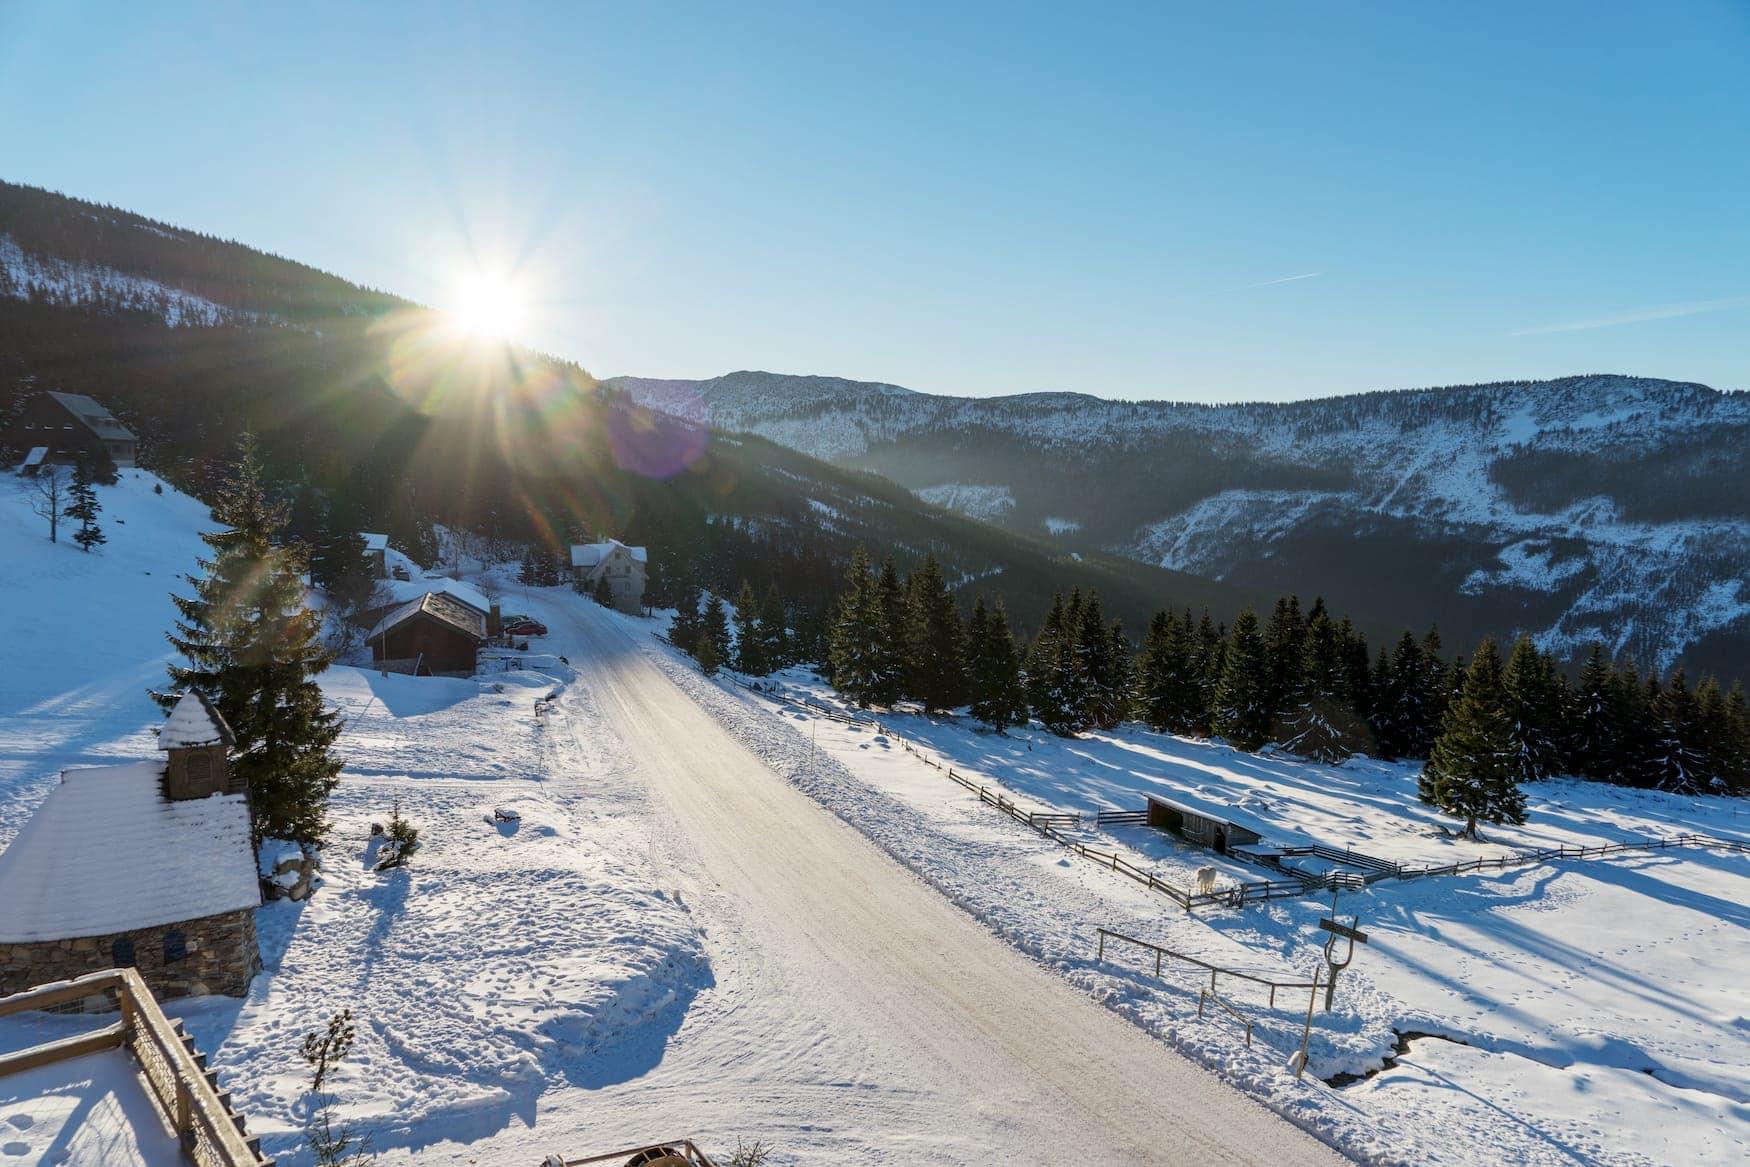 Sonnenschein über Skigebiet in Tschechien